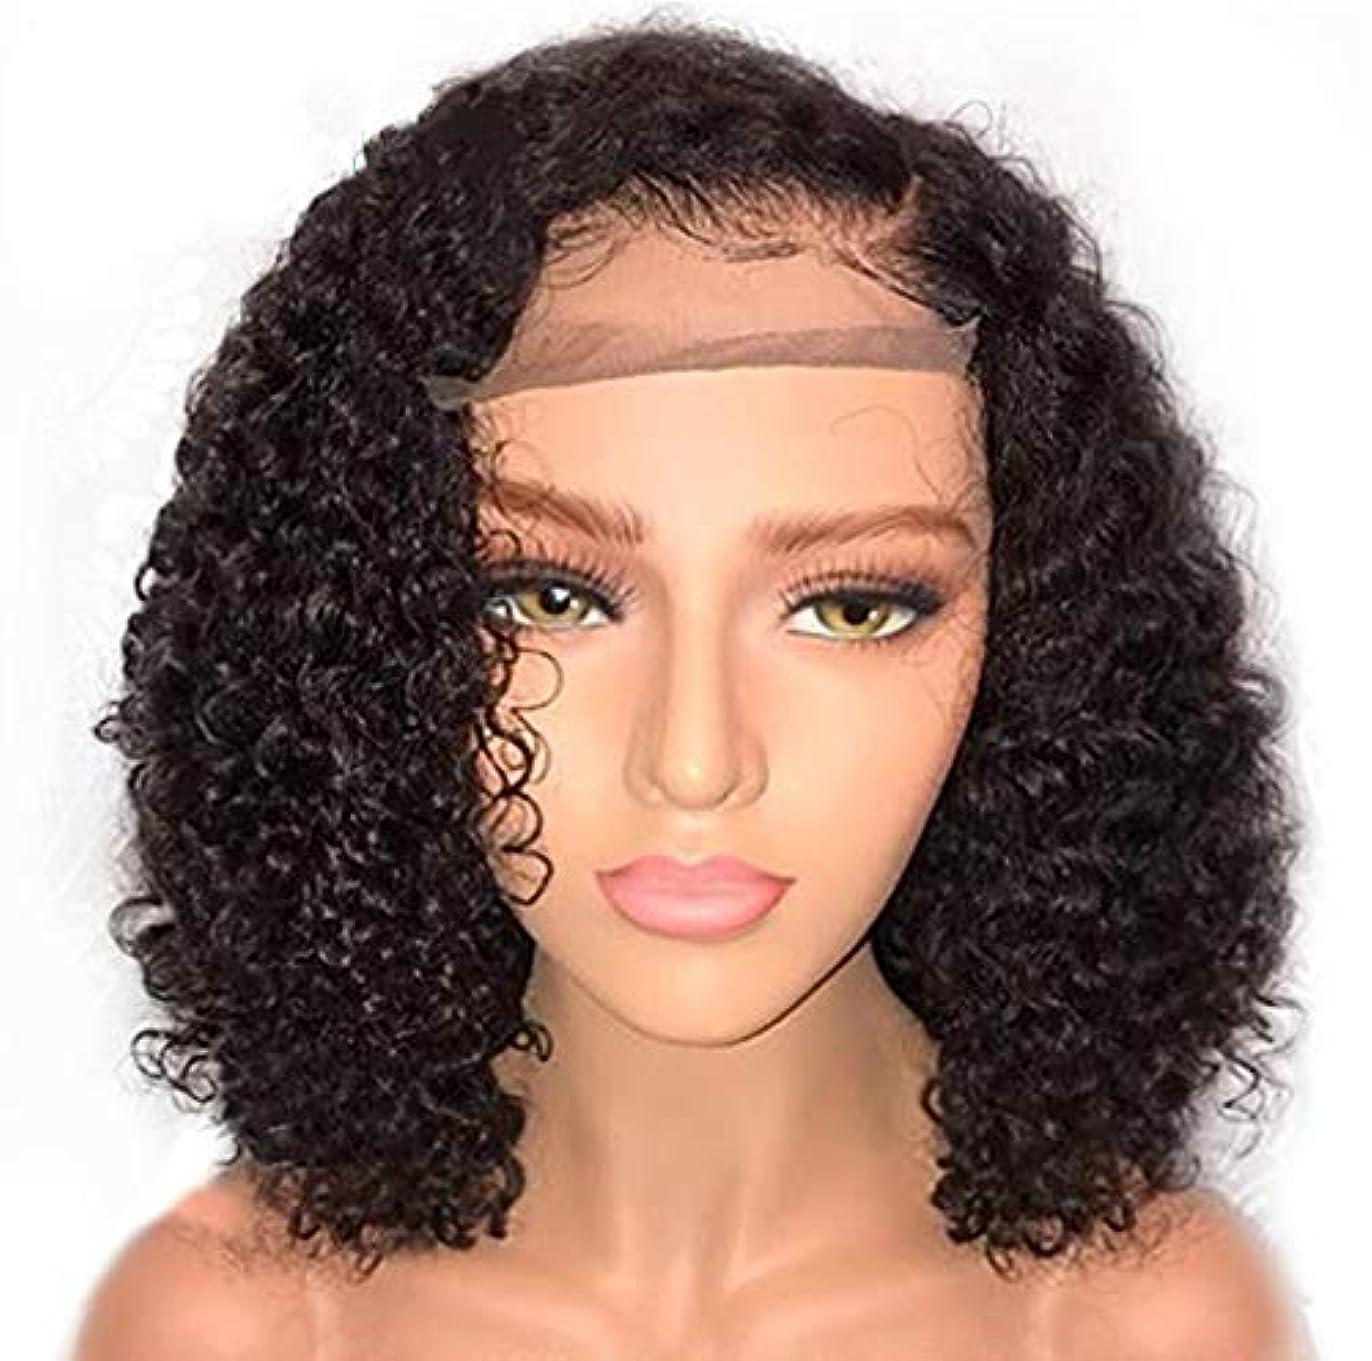 既に同僚分析的な女性かつらカーリー13 * 4レース前頭かつら合成ブラジル髪かつらフルエンド赤ちゃん髪150%密度黒30センチ